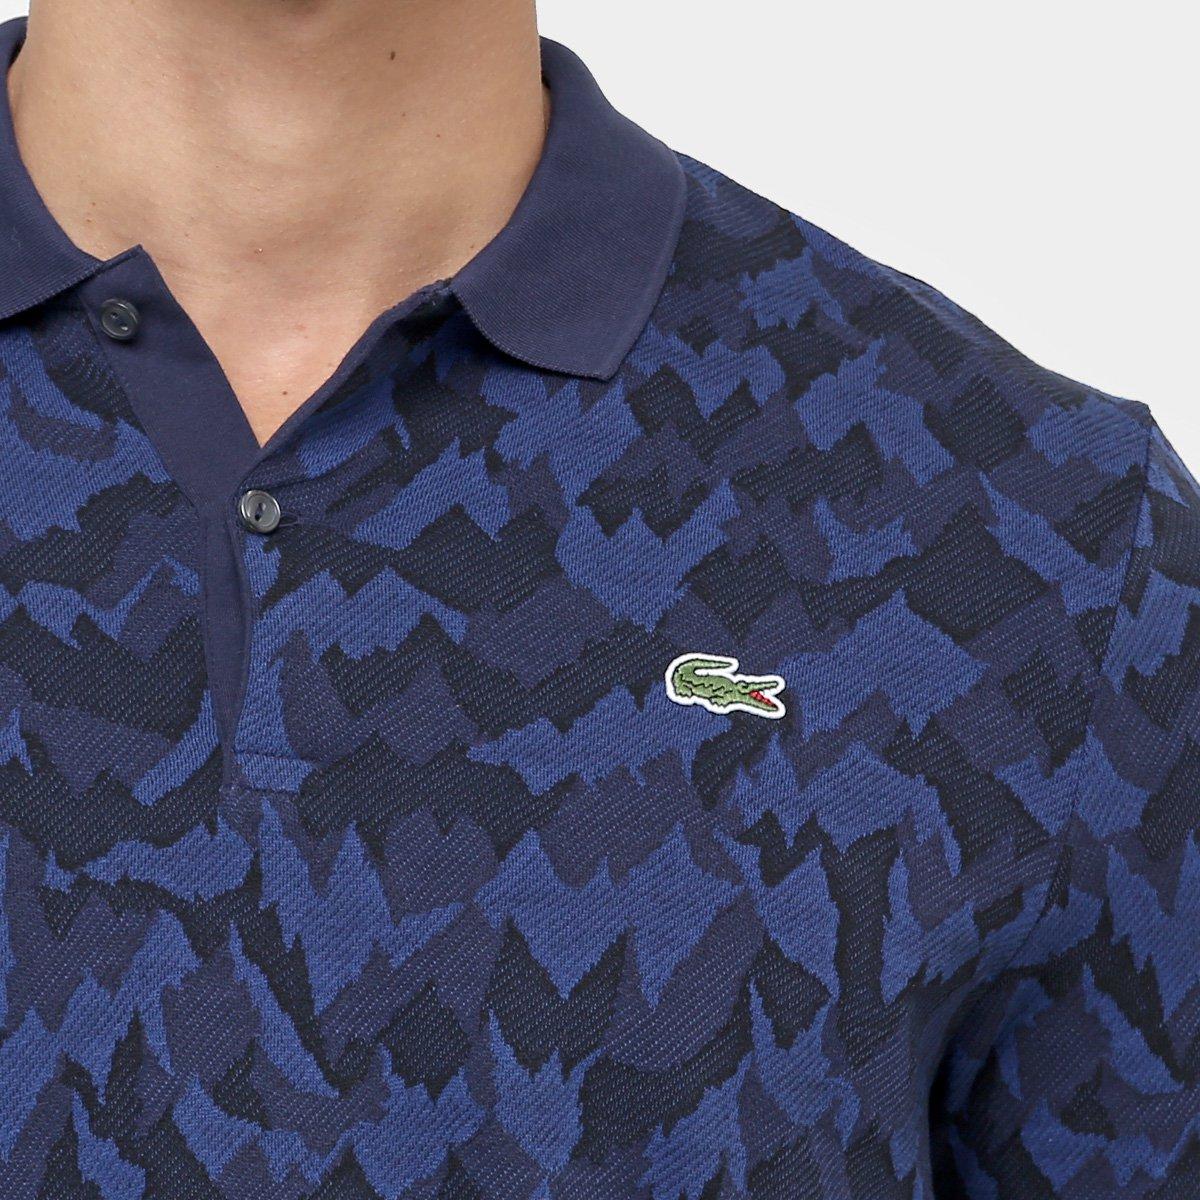 Camisa Polo Lacoste Live Piquet Jacquard Camuflado - Compre Agora ... 1a8a565eaf